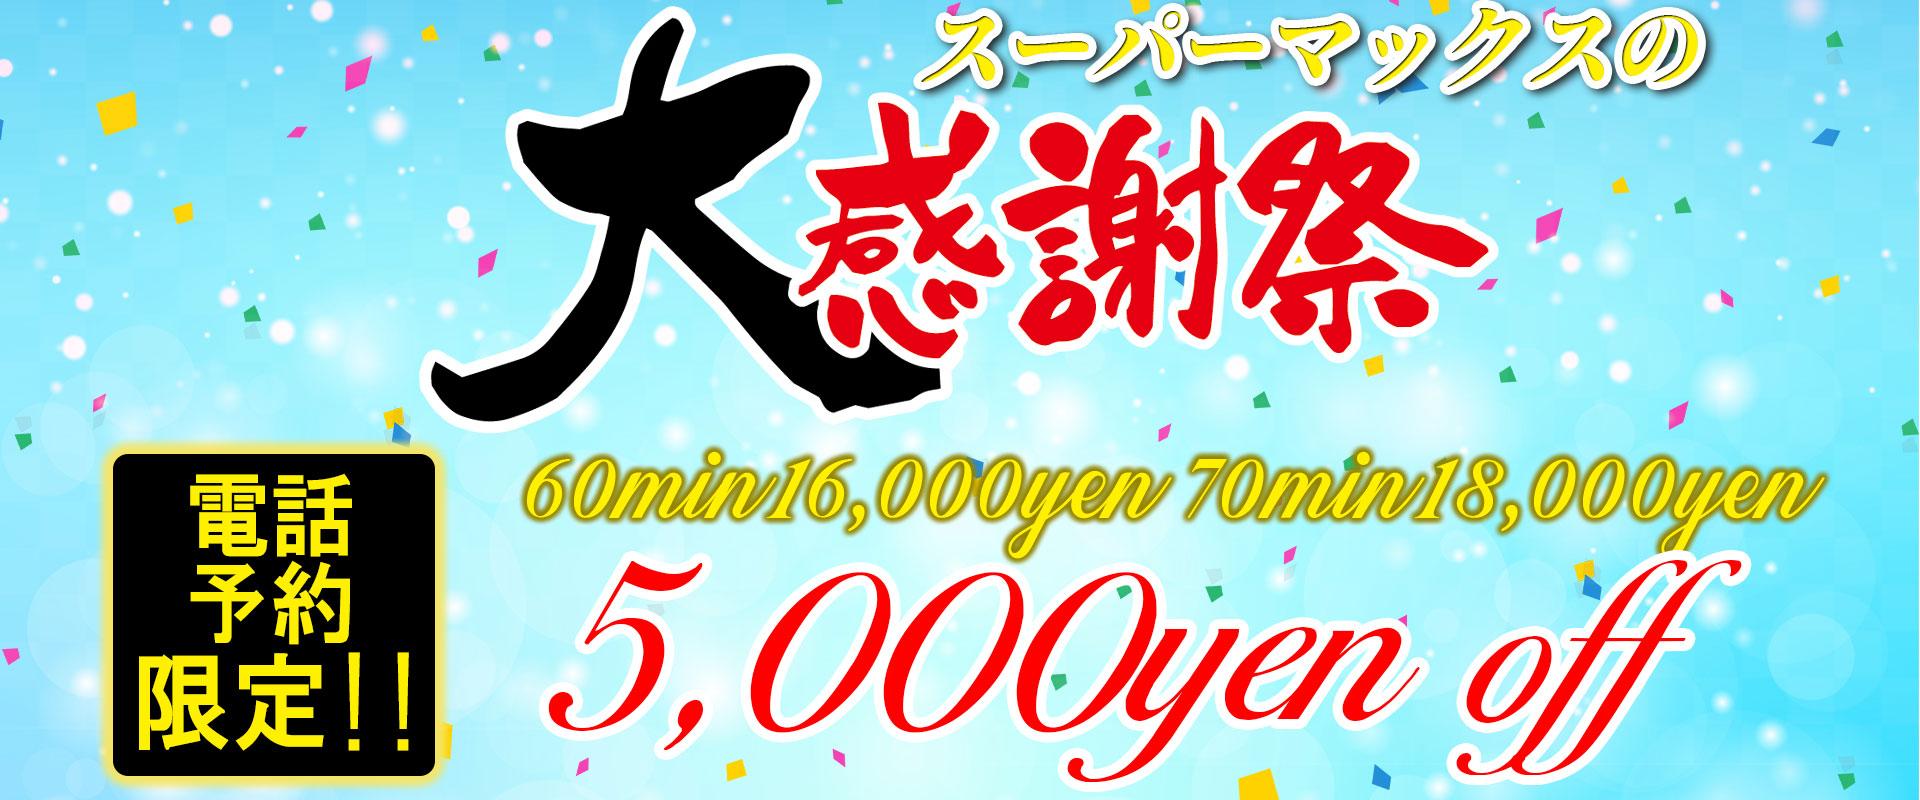 大感謝祭開催!! ¥5,000OFF